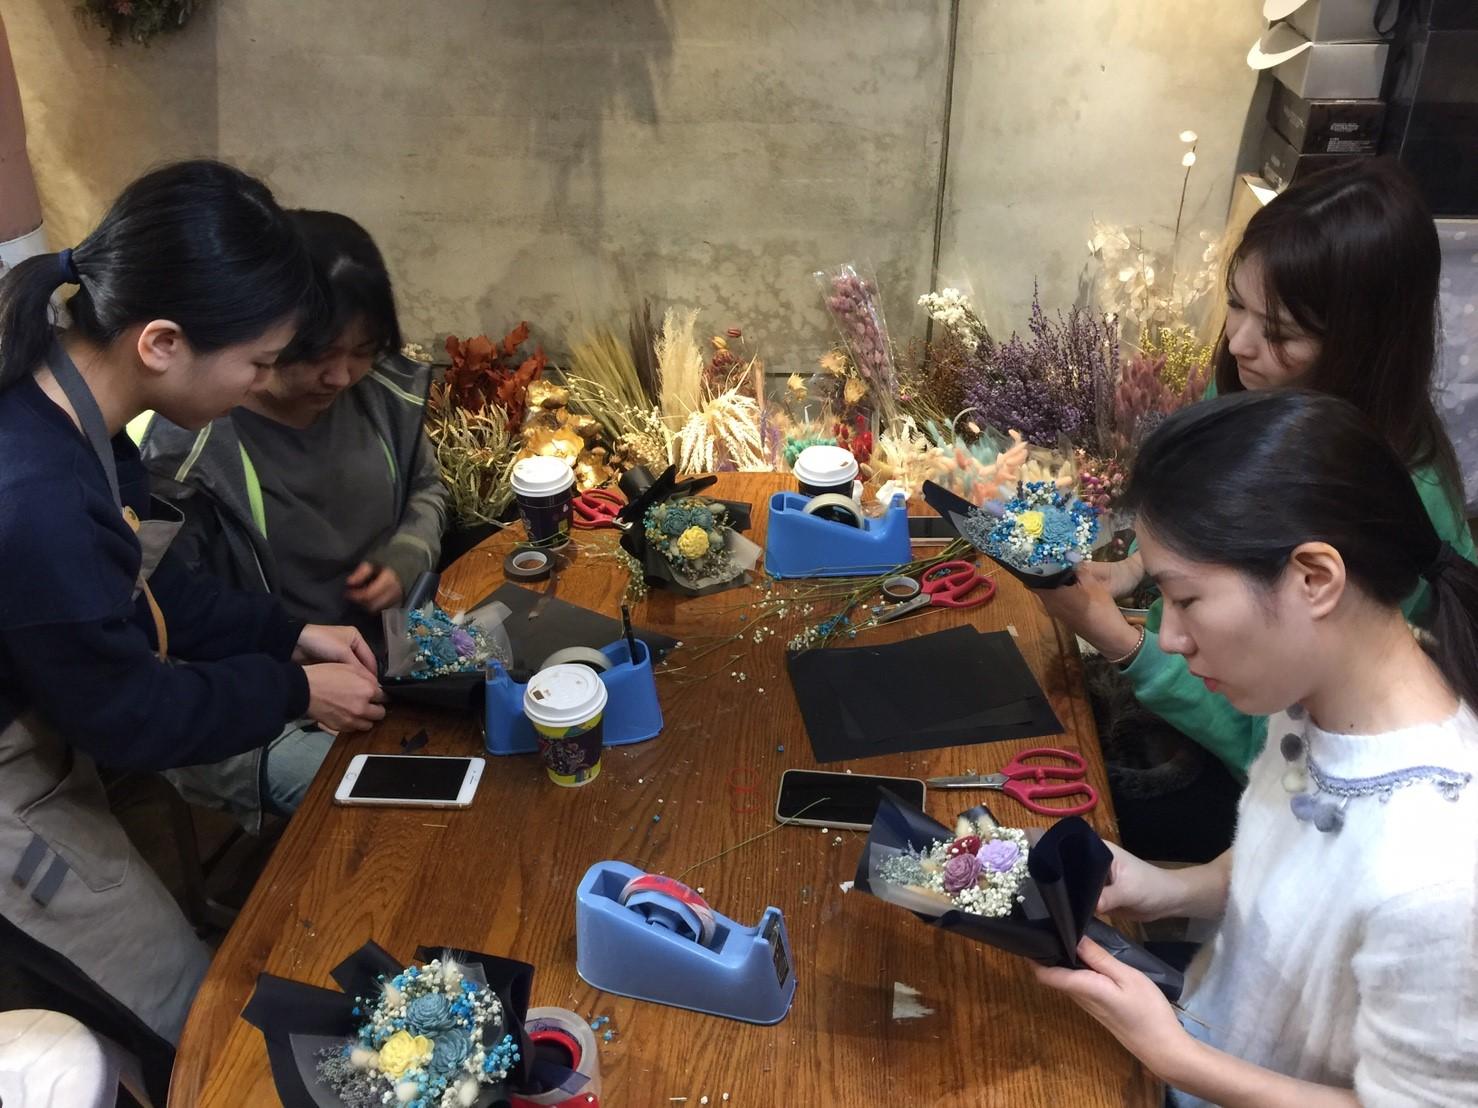 花藝課程教學,台北乾燥花課程,乾燥花課程,喜歡生活乾燥花店,乾燥盆栽教學